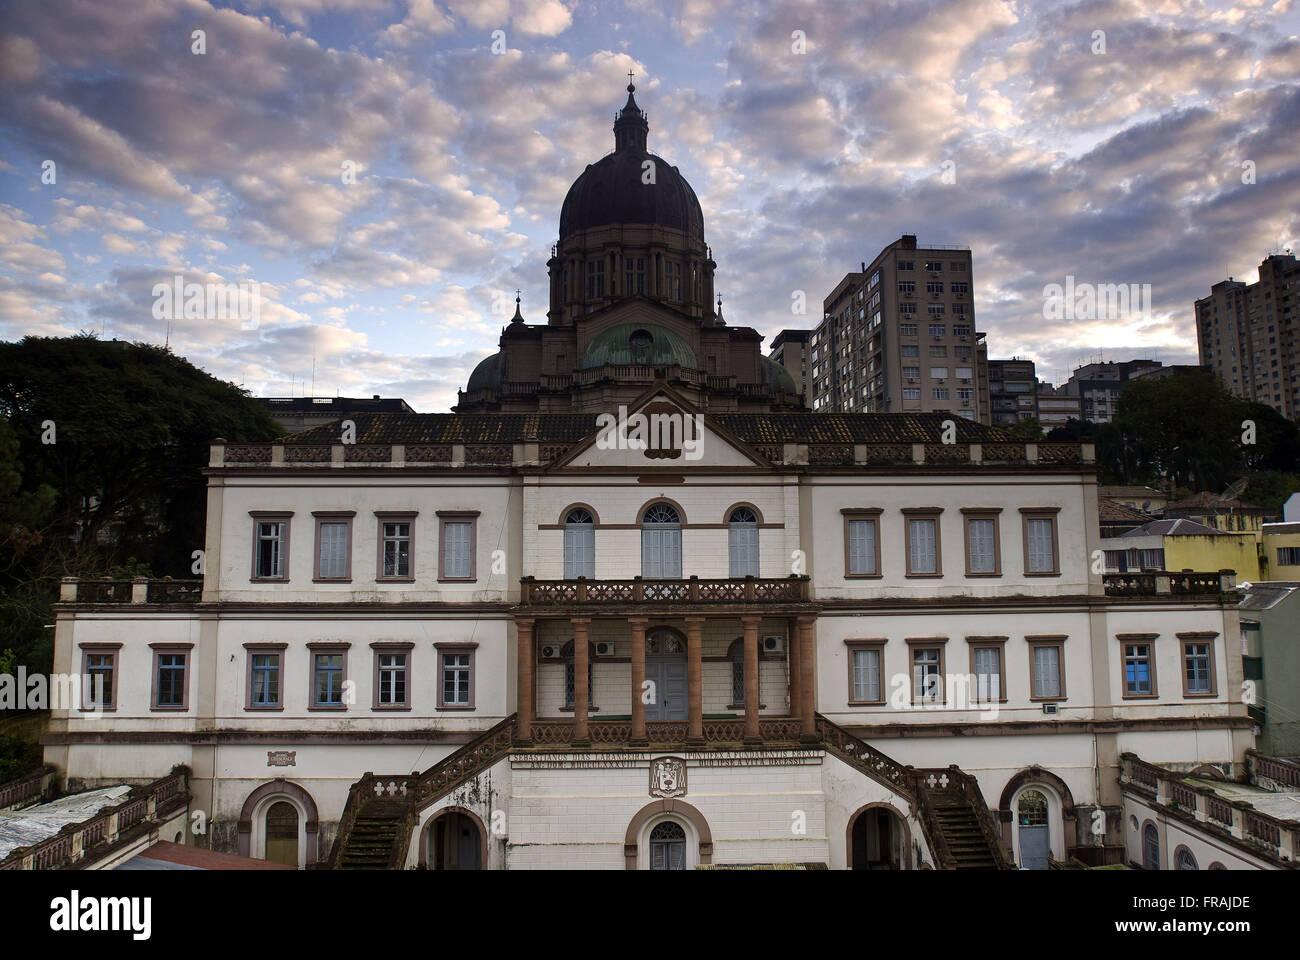 Fachada da cúria da Catedral Metropolitana cujo domo está ao fundo - Stock Image